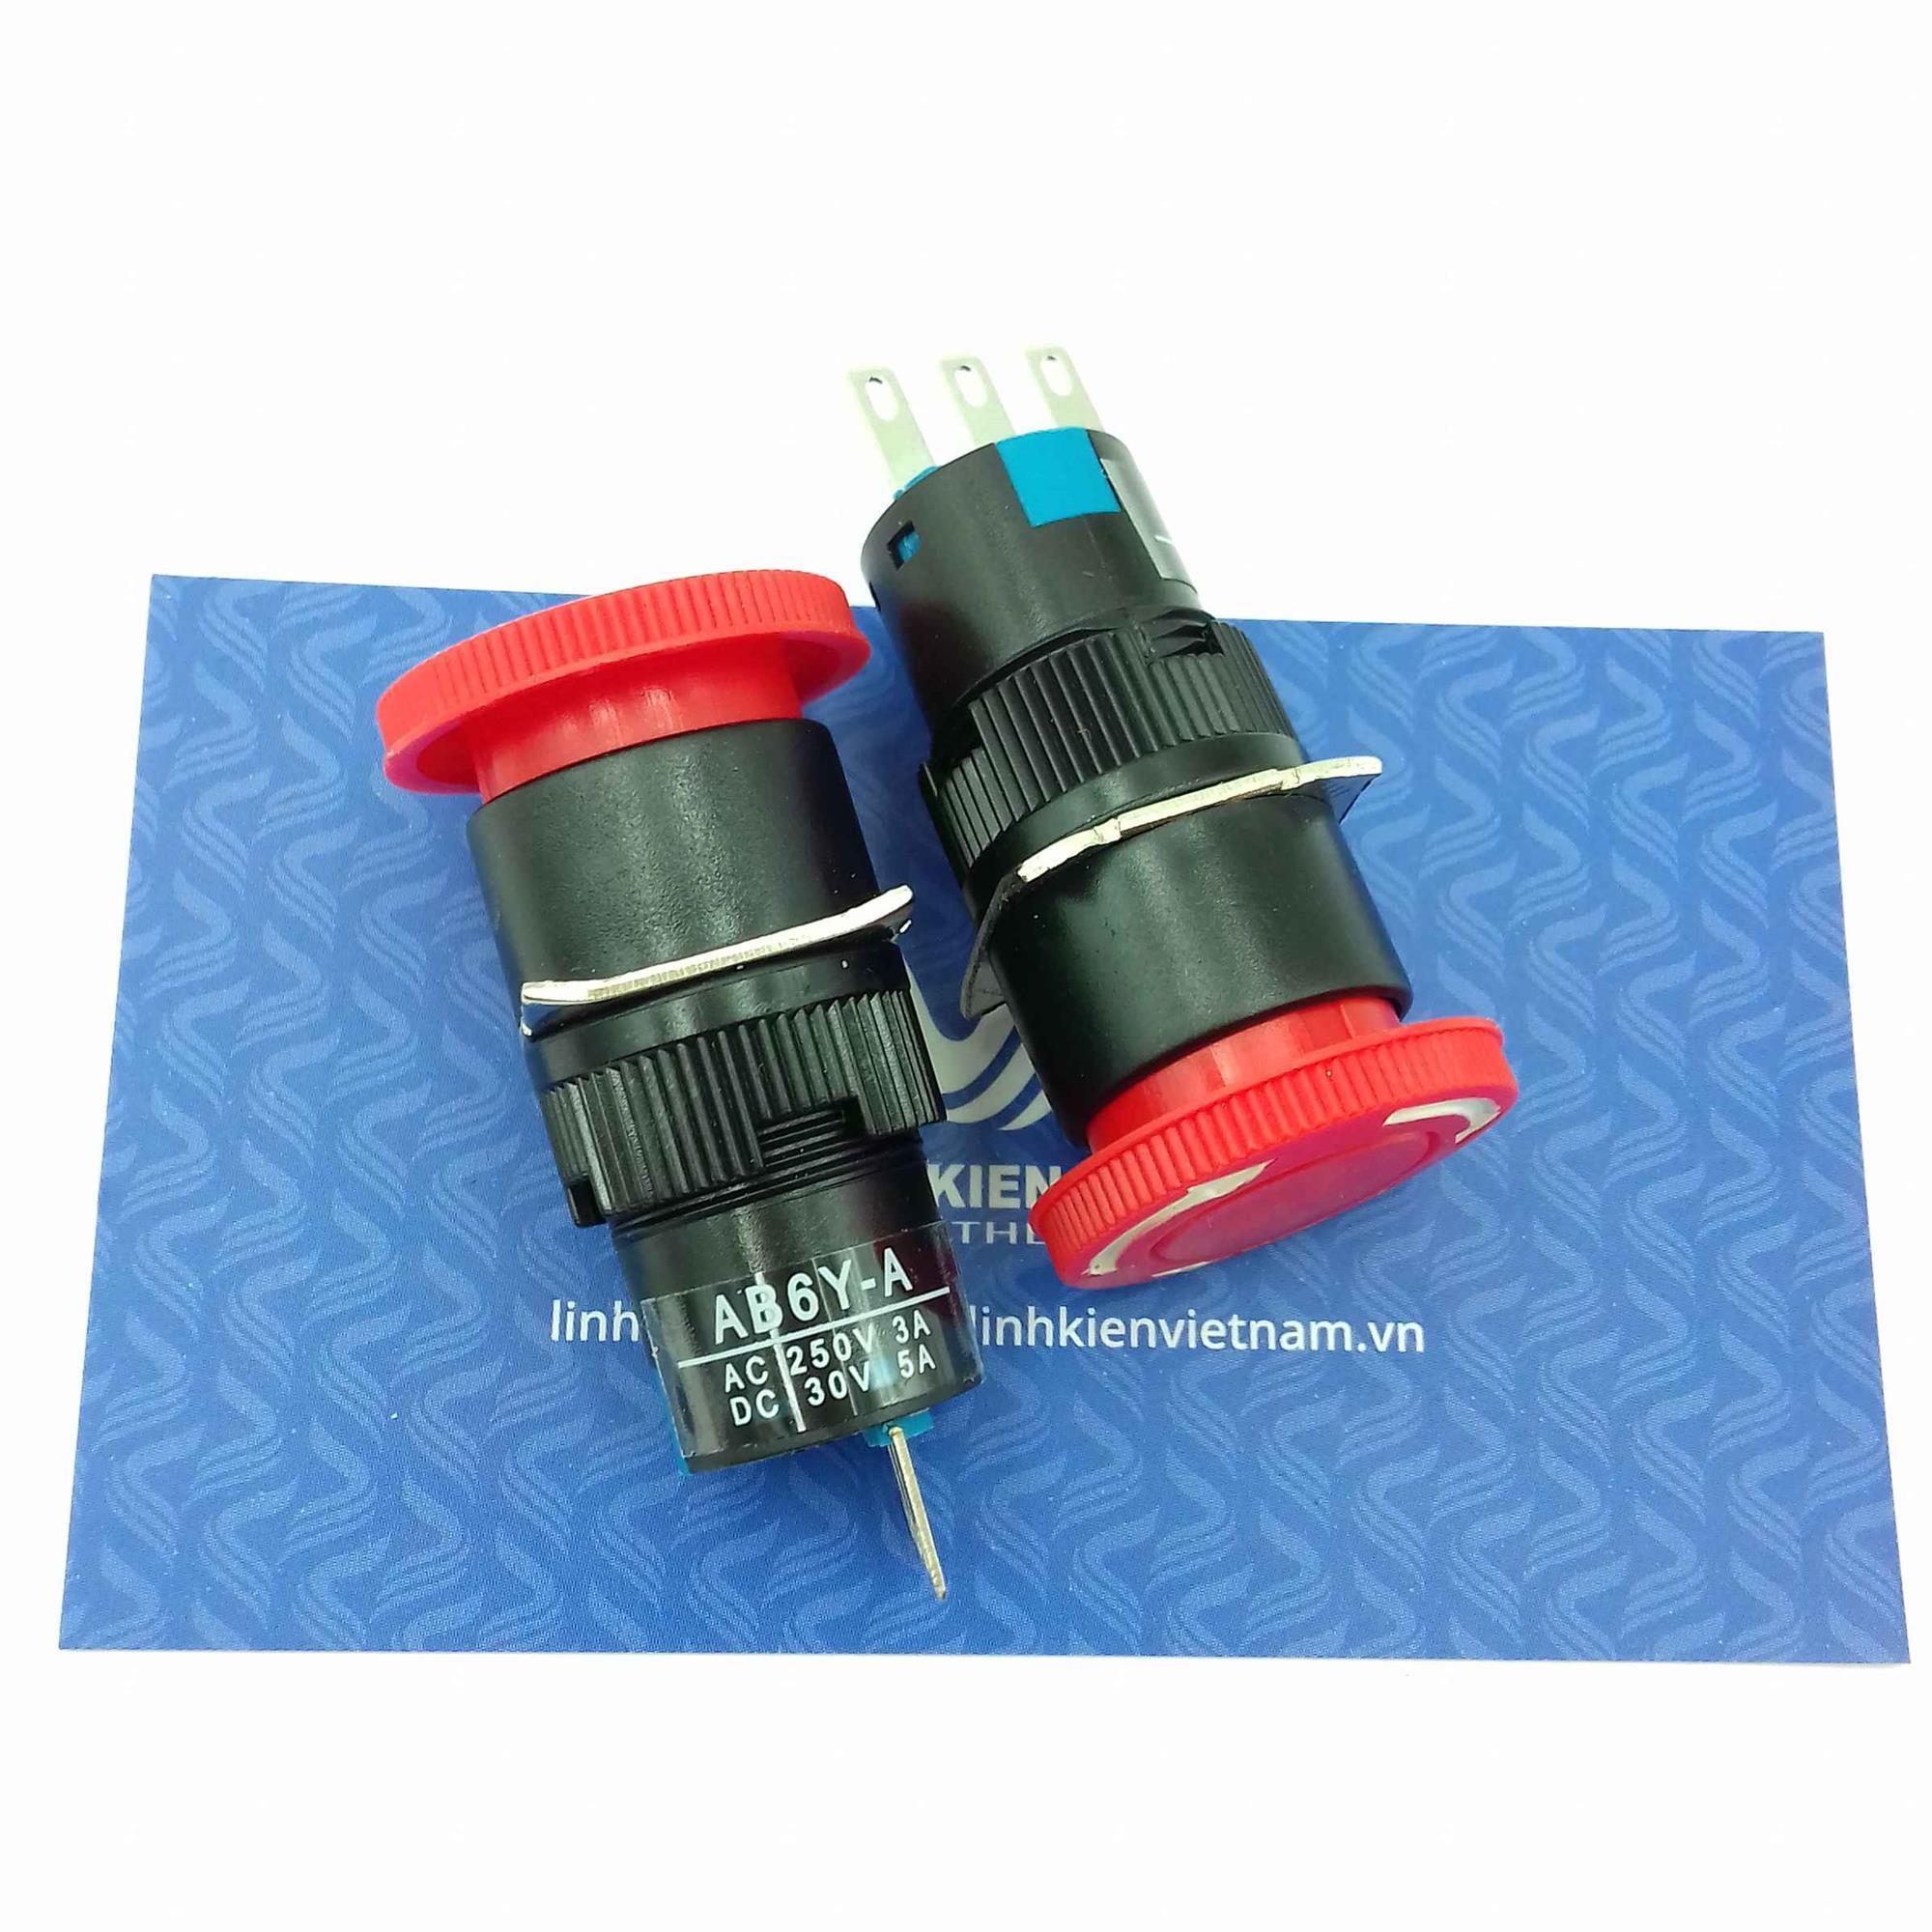 NÚT NHẤN STOP LA16-11ZS 16mm / Nút dừng khẩn cấp / Emergency button - I6H10